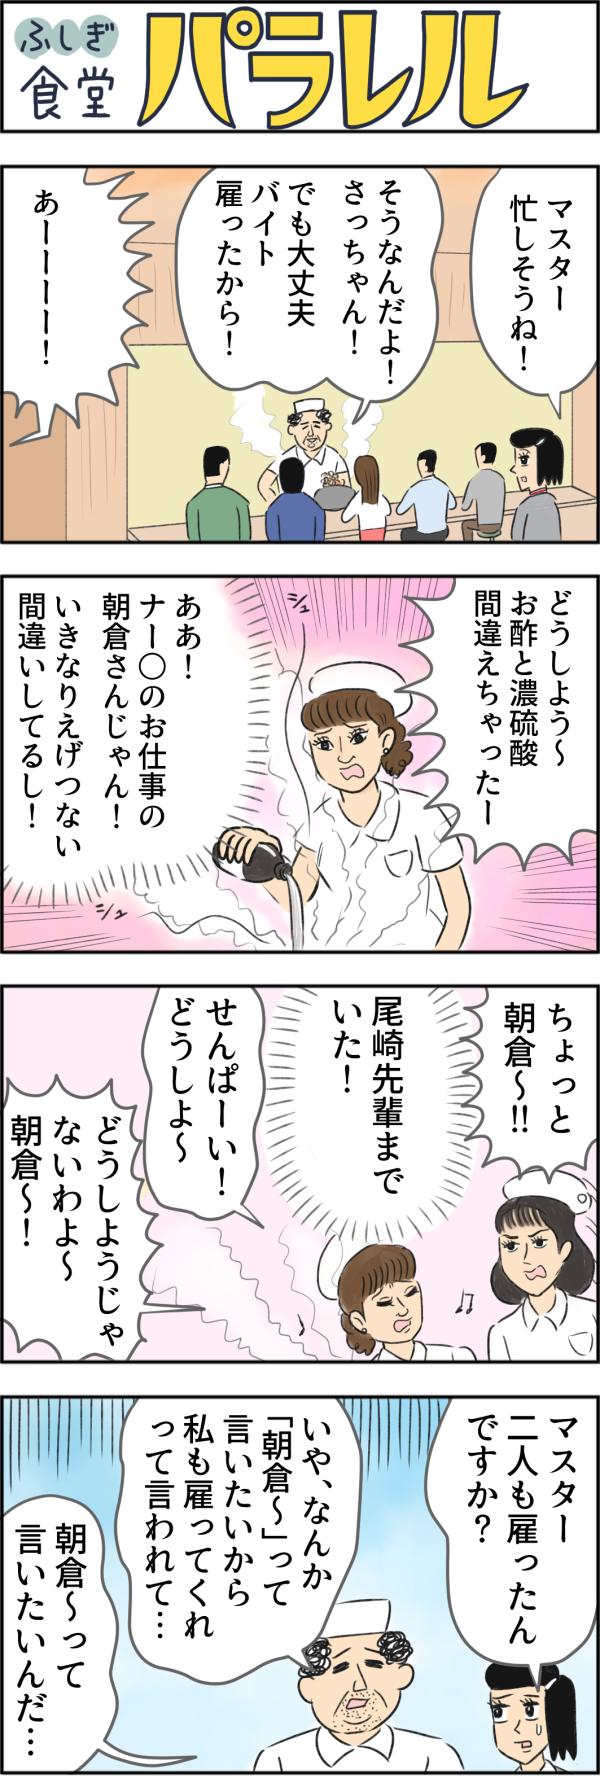 ふしぎ食堂パラレル。彼女は白井サチコ、新井総合病院に勤務する看護師3年目。今日の食堂は大盛況で、マスターは忙しそうに働いていました。「忙しくても大丈夫、バイト雇ったから!」と言うマスターの言葉をかき消すように、「あーー!」と叫び声が聞こえました。そちらを見ると、なんとナー◯のお仕事の朝倉さんが、「お酢と濃硫酸間違えちゃった」とえげつない間違いをしていました。失敗した朝倉さんに「朝倉~」とすぐさま怒る尾崎先輩。「朝倉~って言いたいから、私も雇ってくれって言われて…」としょうがなく2人雇ったというマスター。